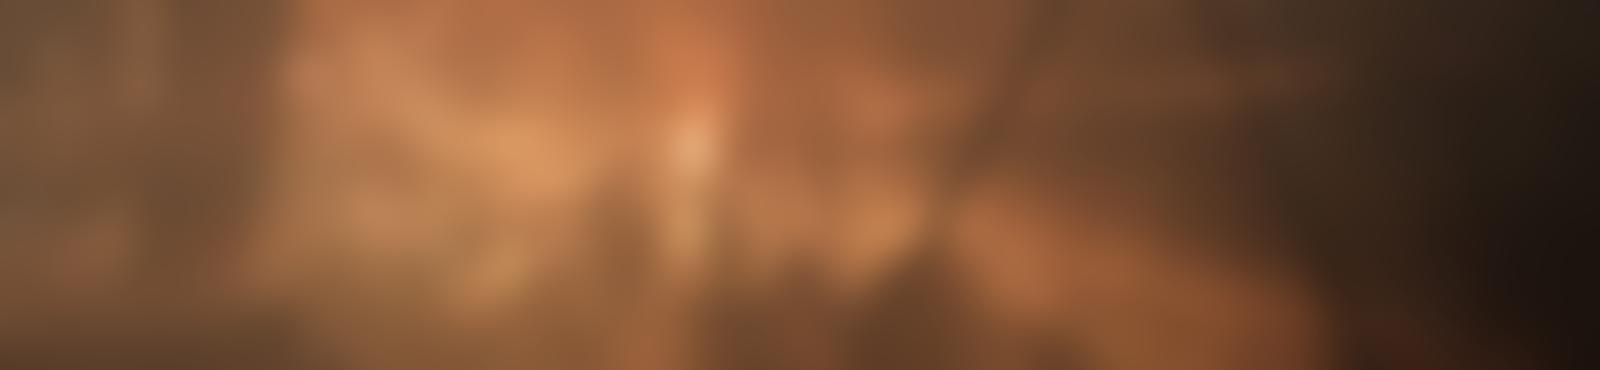 Blurred 0ea848ac 170d 472a bac5 d6907153c44d